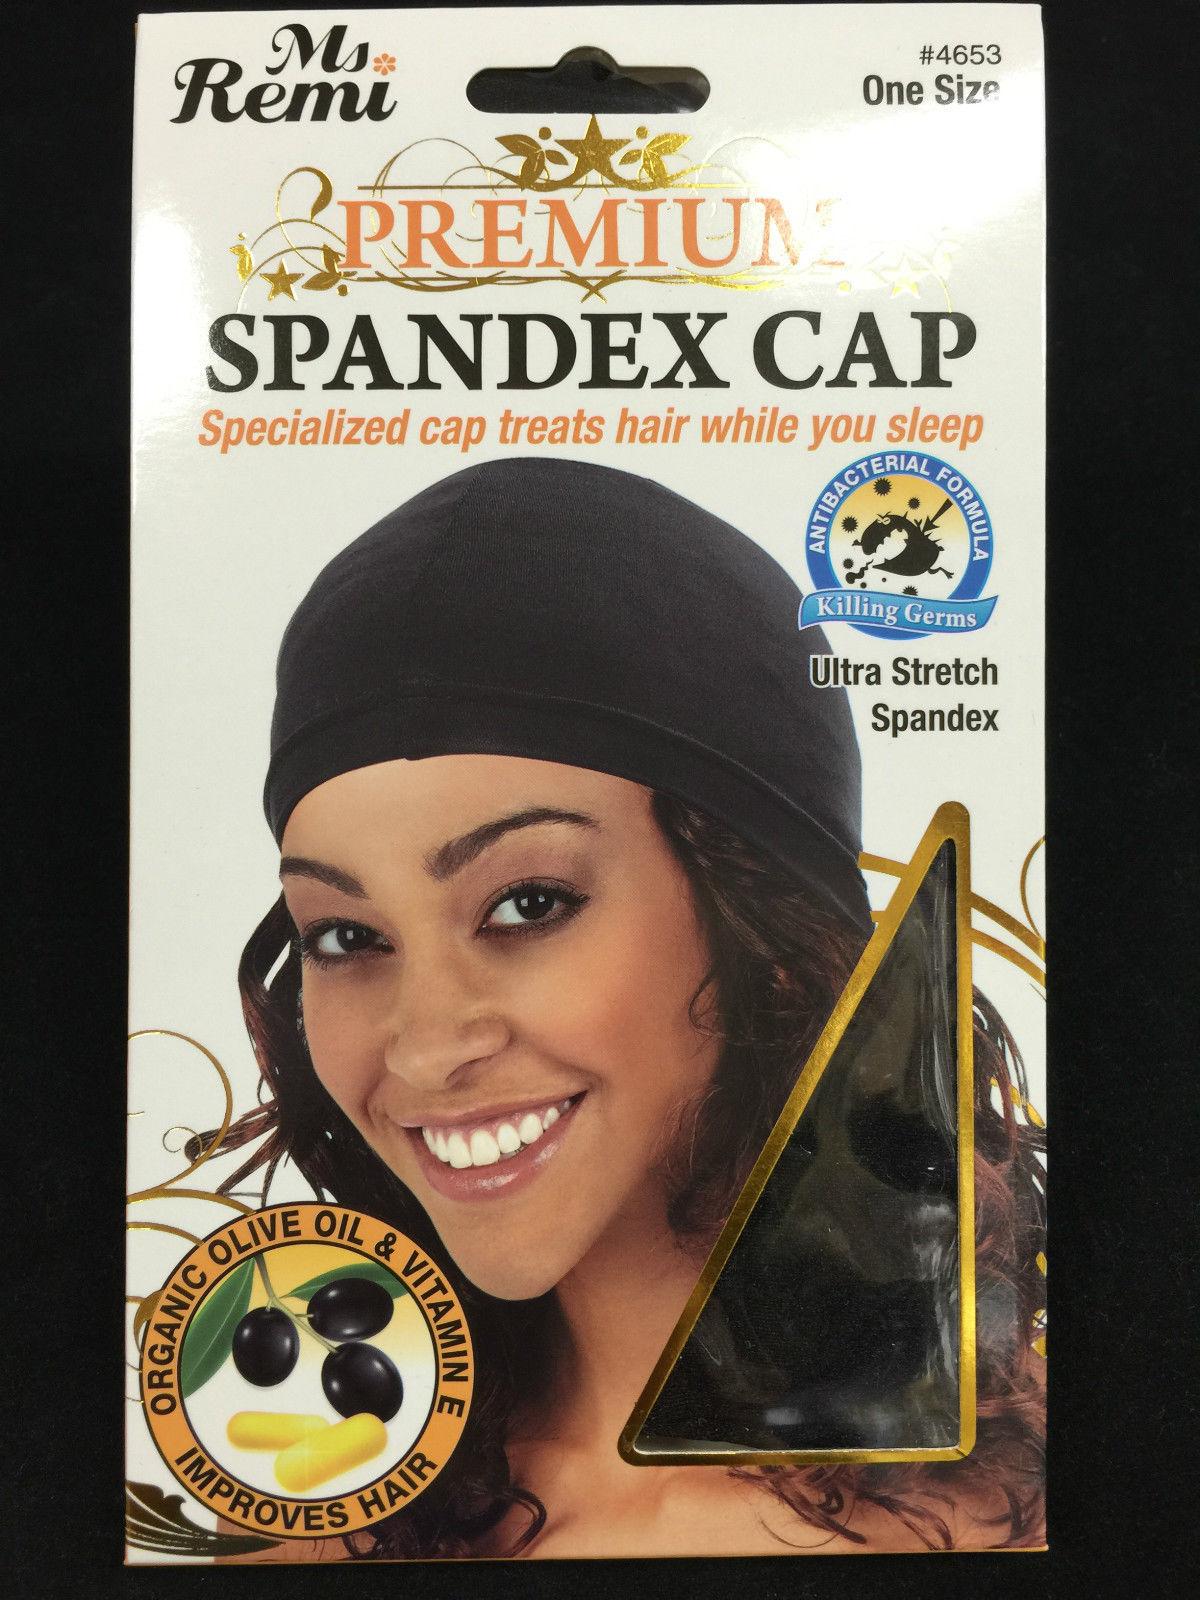 ANNIE PREMIUM SPANDEX CAP ULTRA STRETCH SPANDEX ANTIBACTERIAL FORMULA #4653